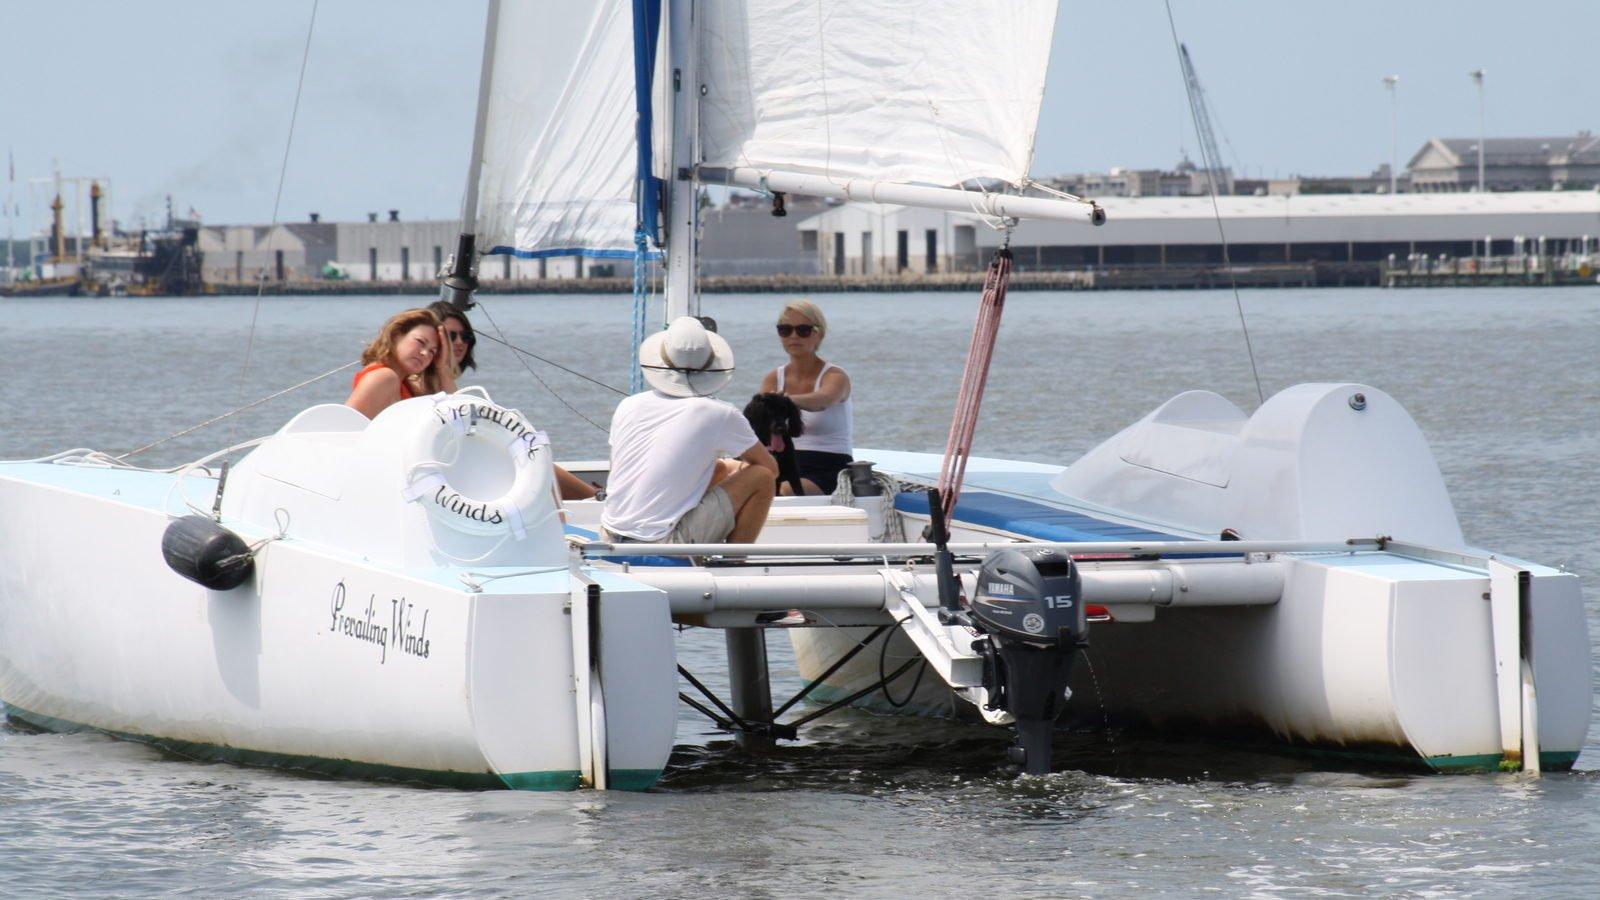 Prevailing Winds Slider 004